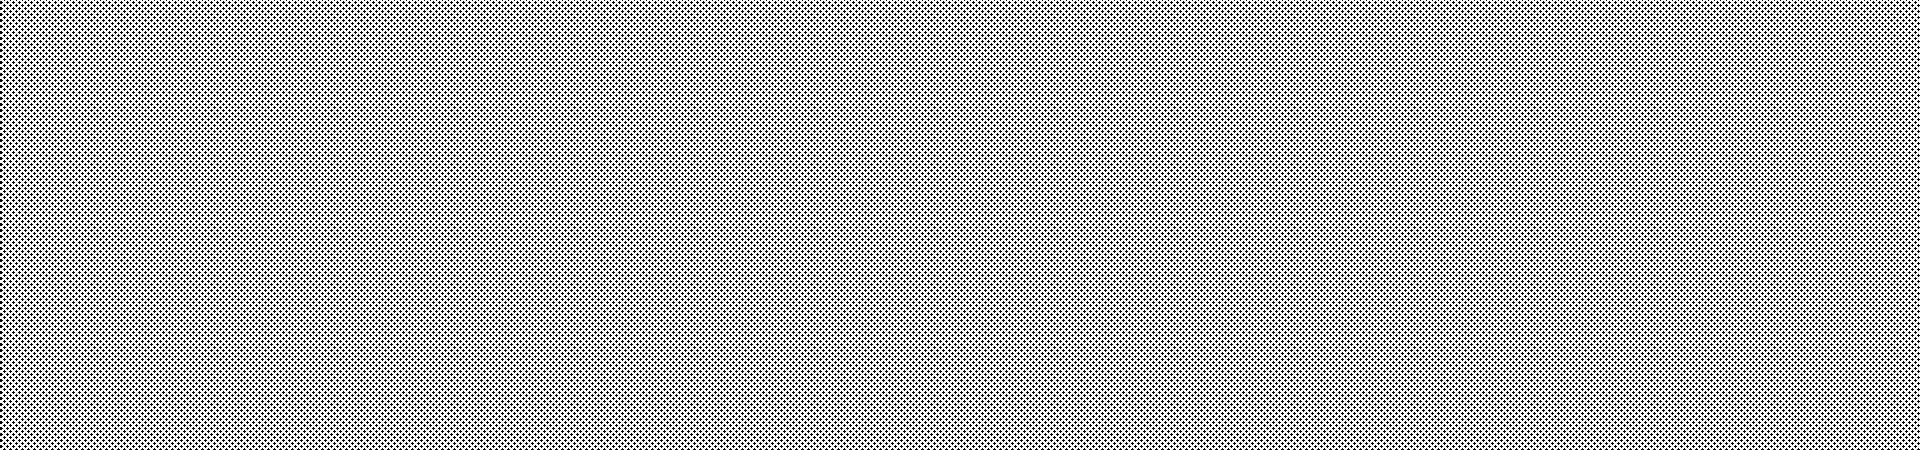 ブレスレットの作り方のキット